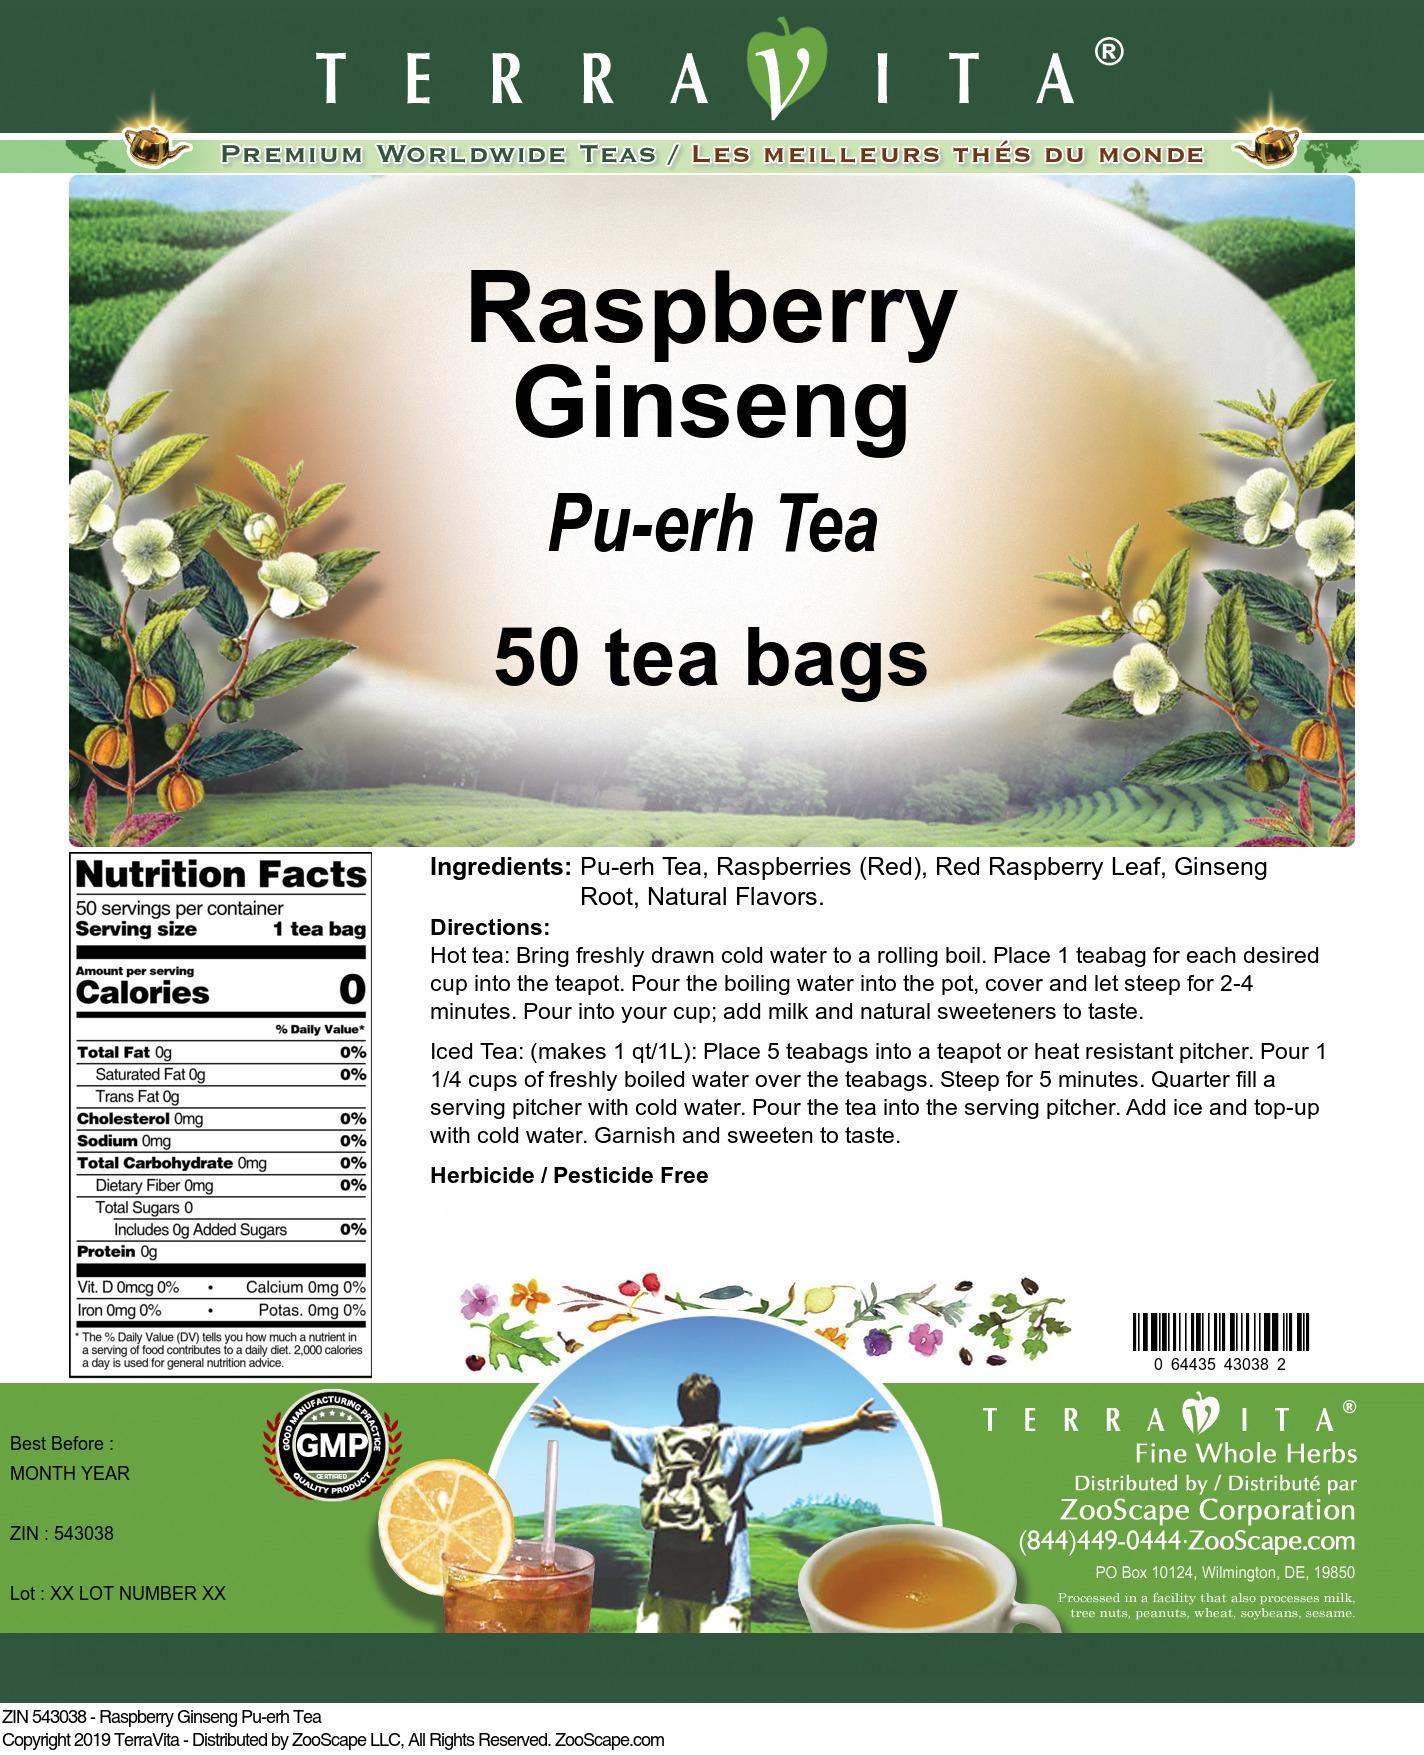 Raspberry Ginseng Pu-erh Tea